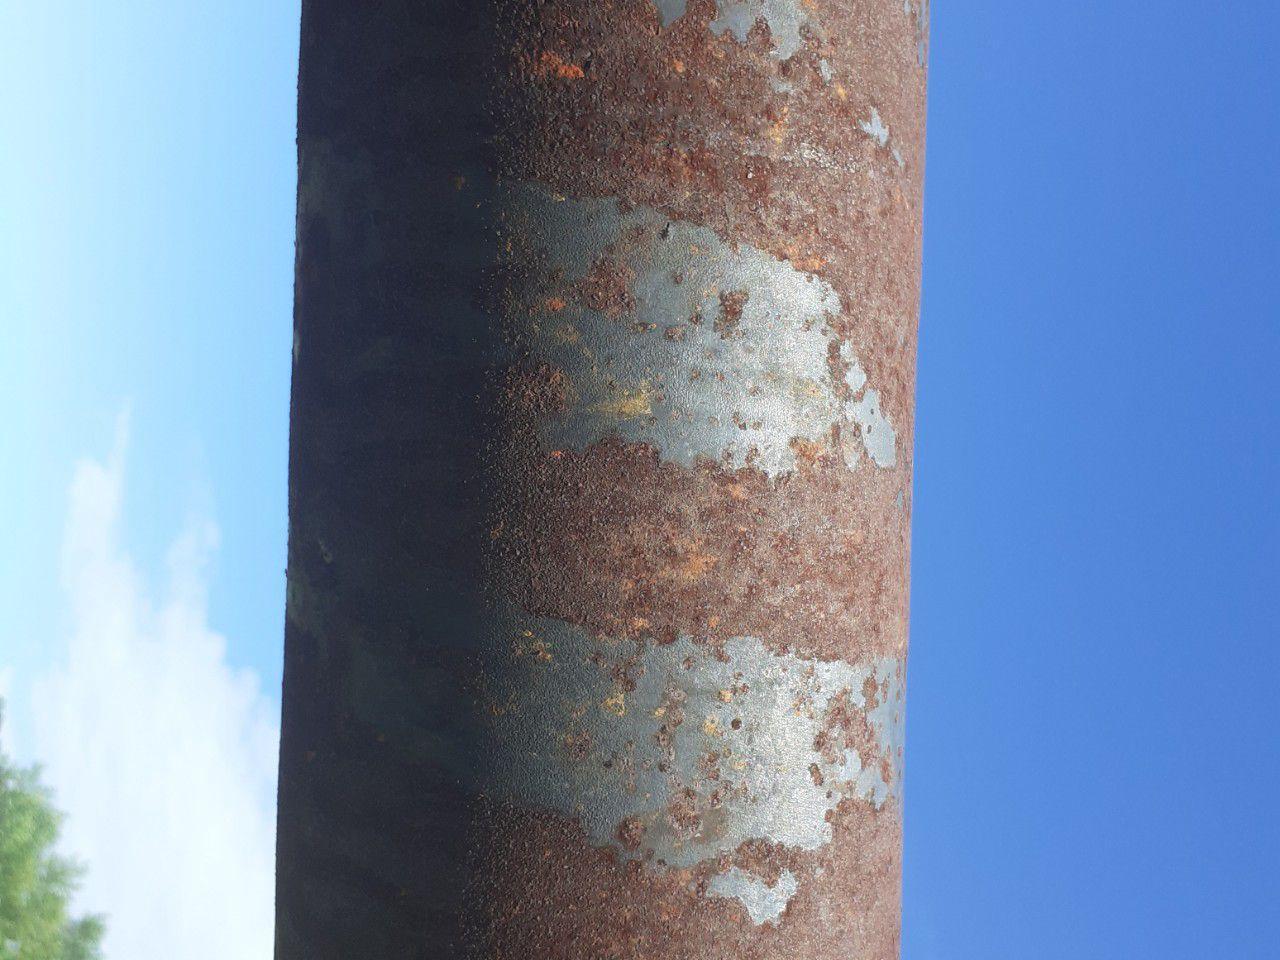 Продам трубу  152*35  толстостенную стальную бесшовную ГОСТ 8732-78 от 1 метра.